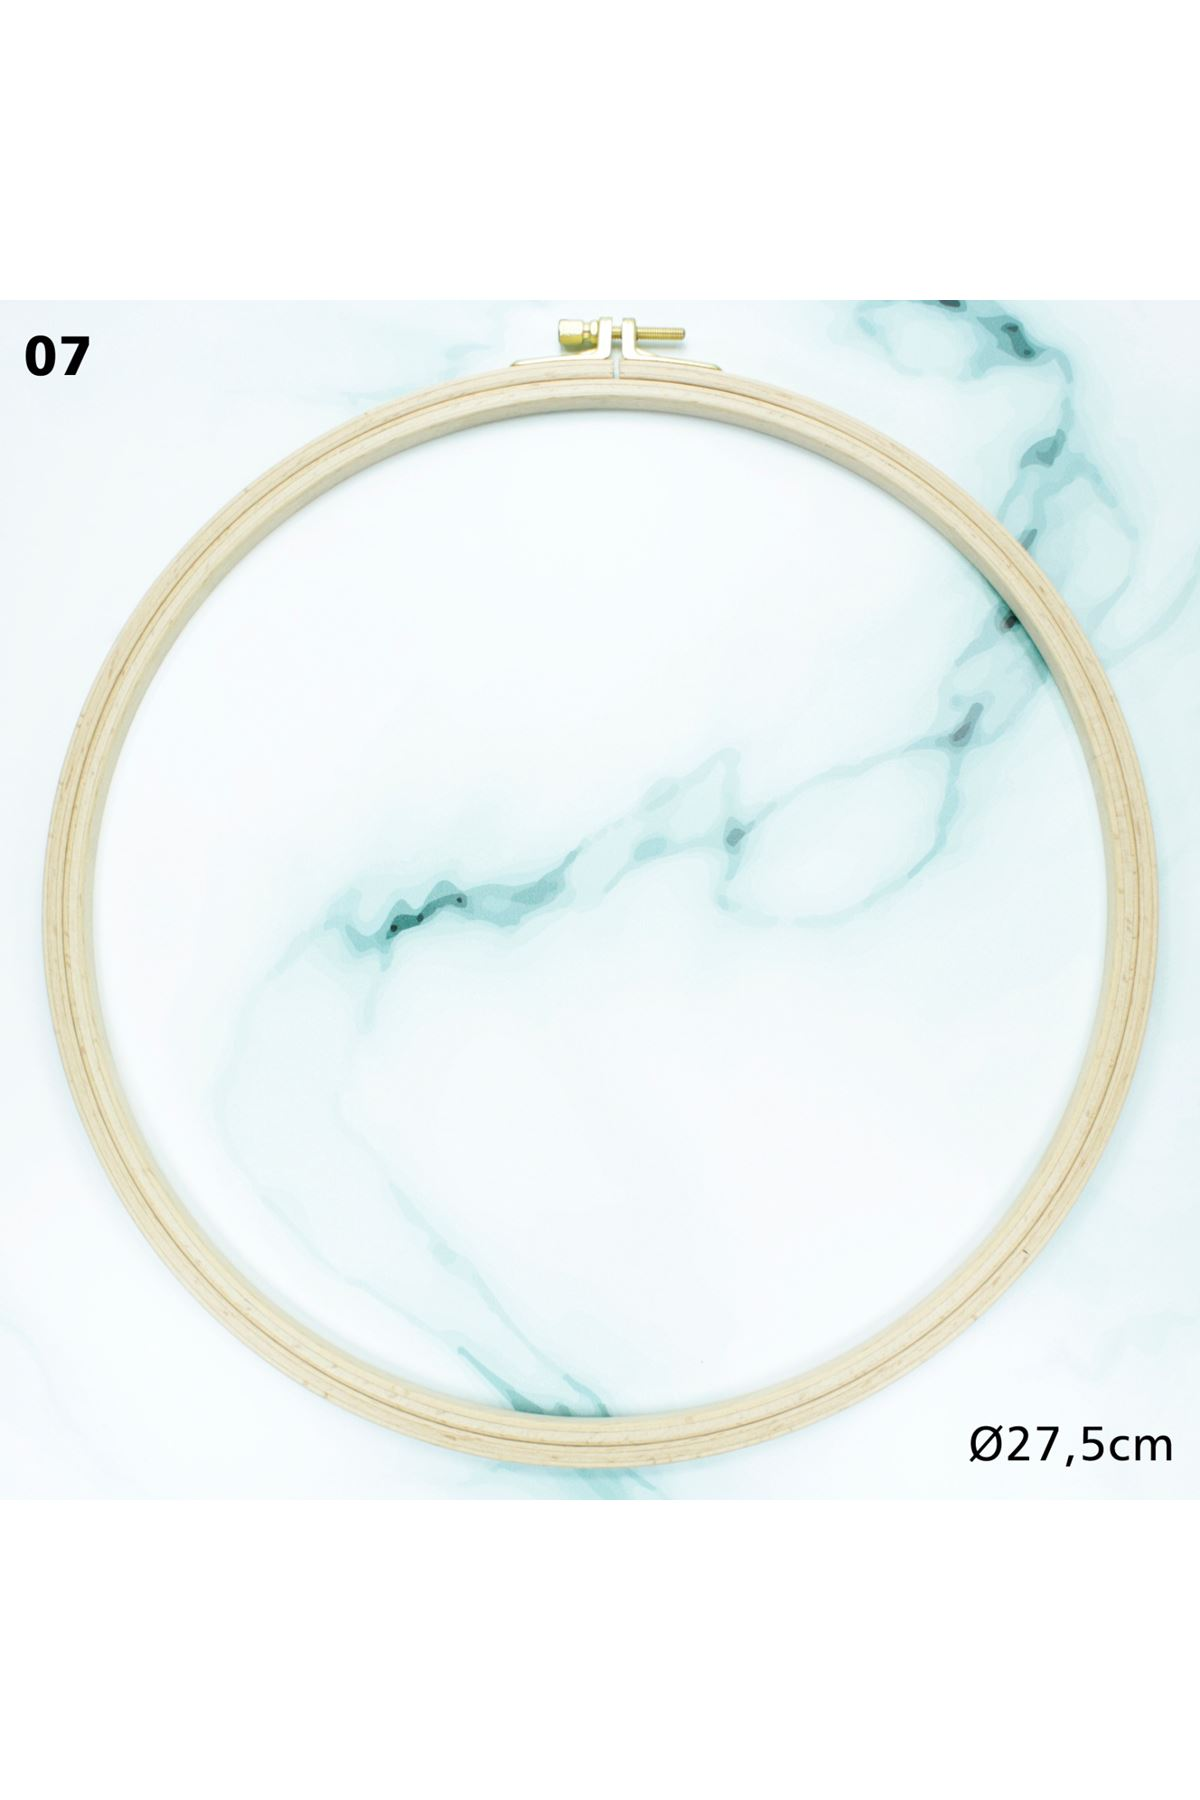 Vidalı Ahşap Kasnak 27,5 cm